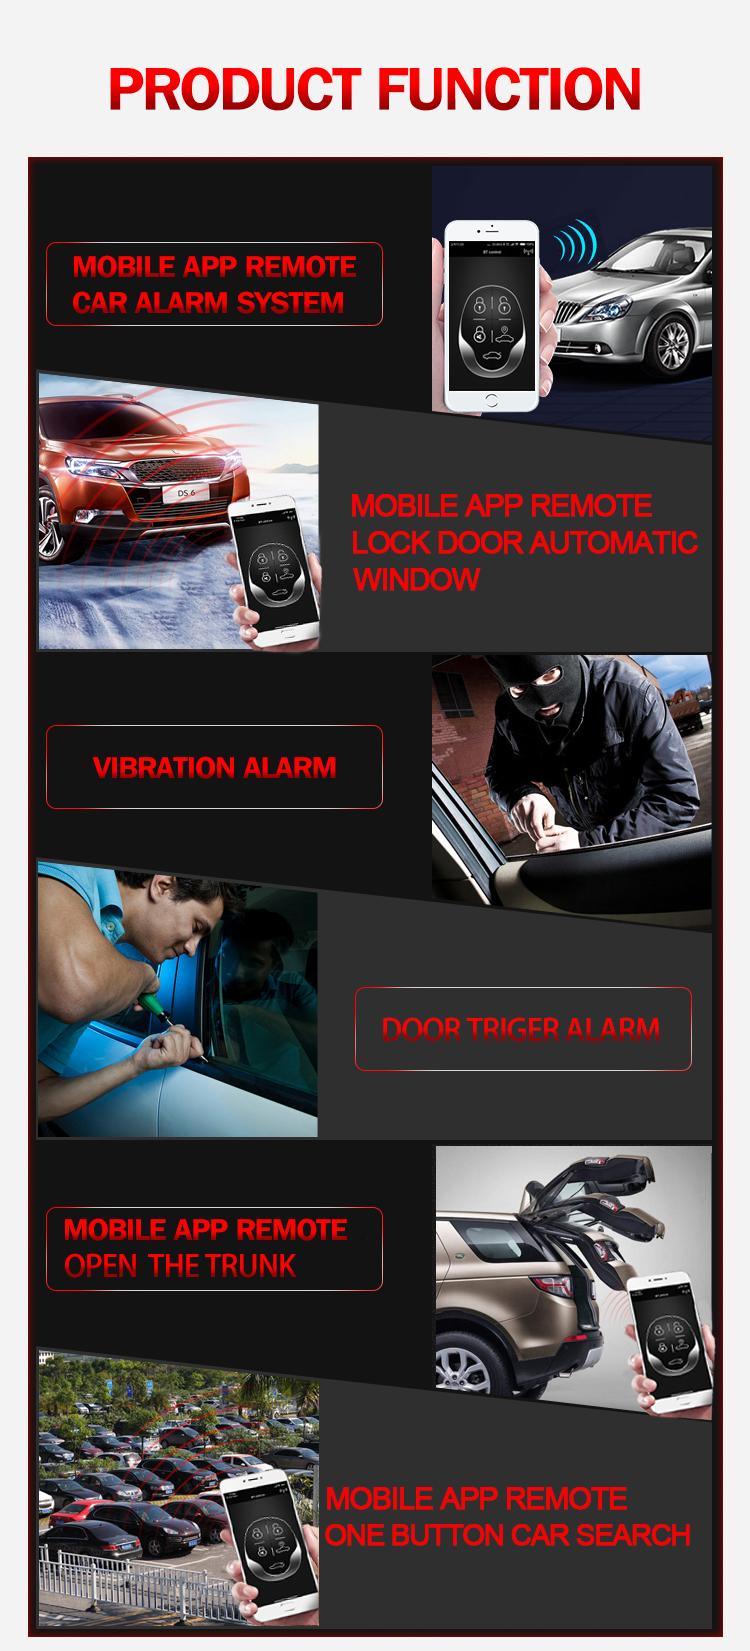 Hot Bán Dễ Dàng Để SỬ DỤNG Điện Thoại Di Động bluetooth từ xa hệ thống báo động xe và Chống keyless nhập alarme làm carro trong Nam thị trường mỹ